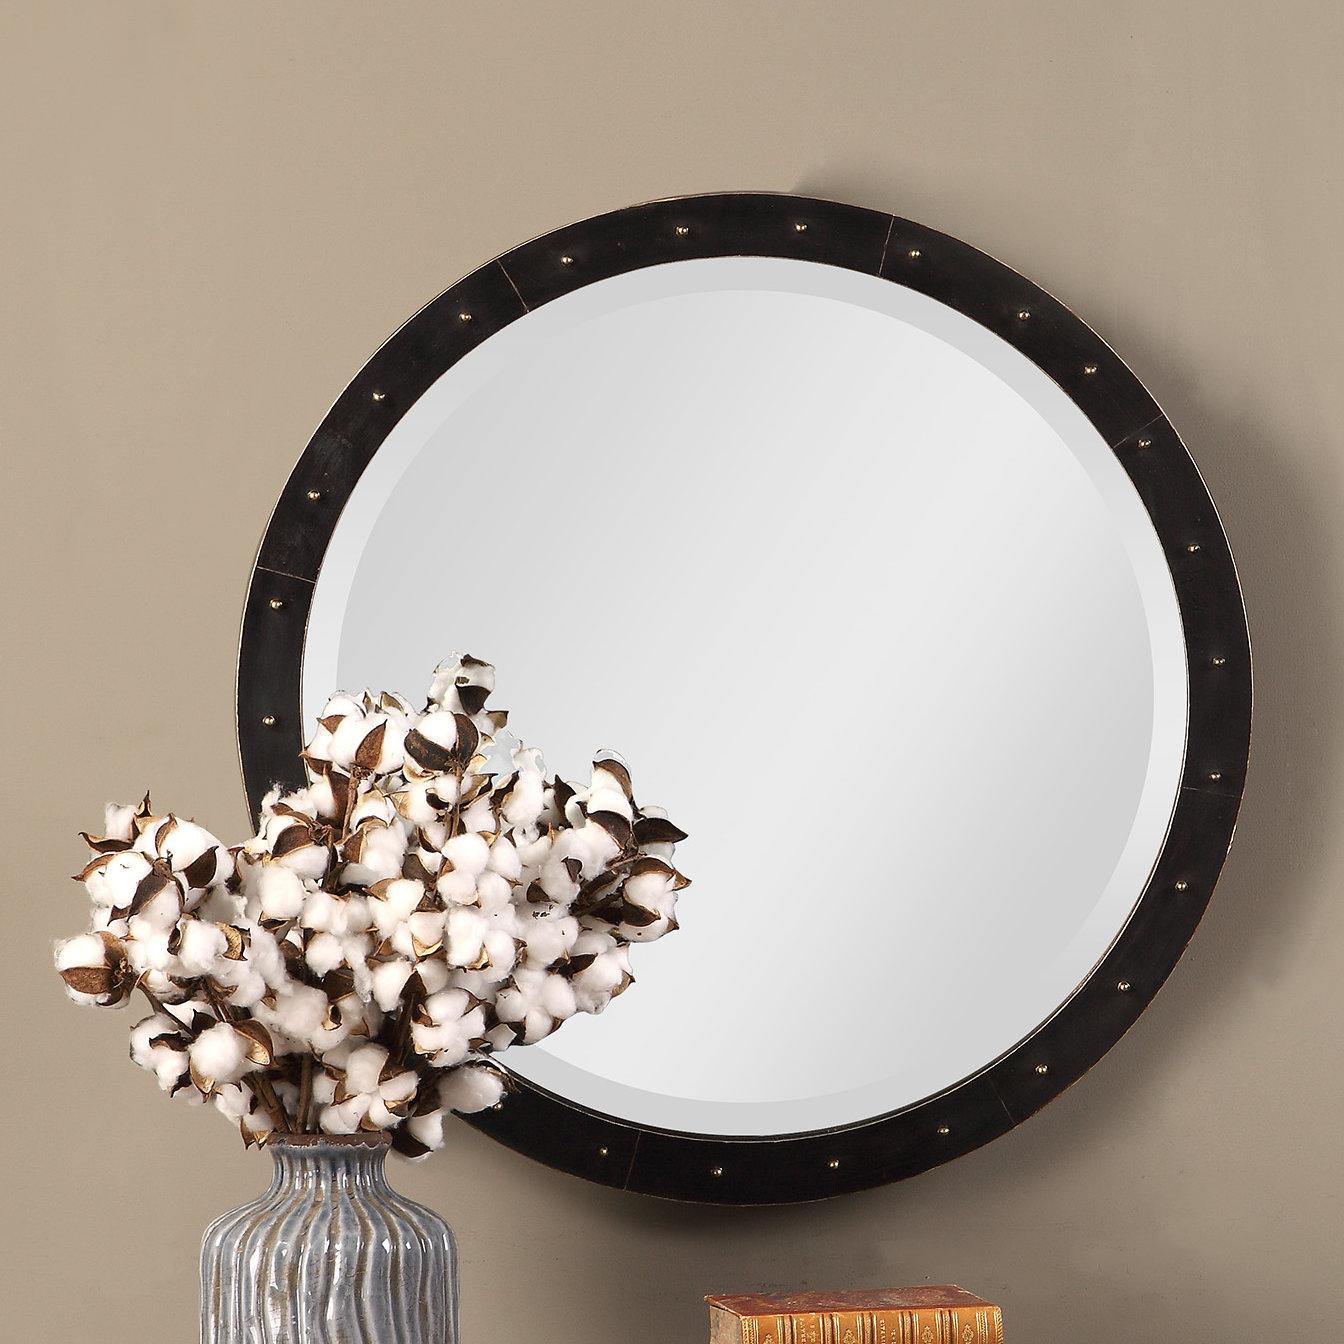 Burt Round Industrial Accent Mirror Intended For Austin Industrial Accent Mirrors (View 9 of 30)